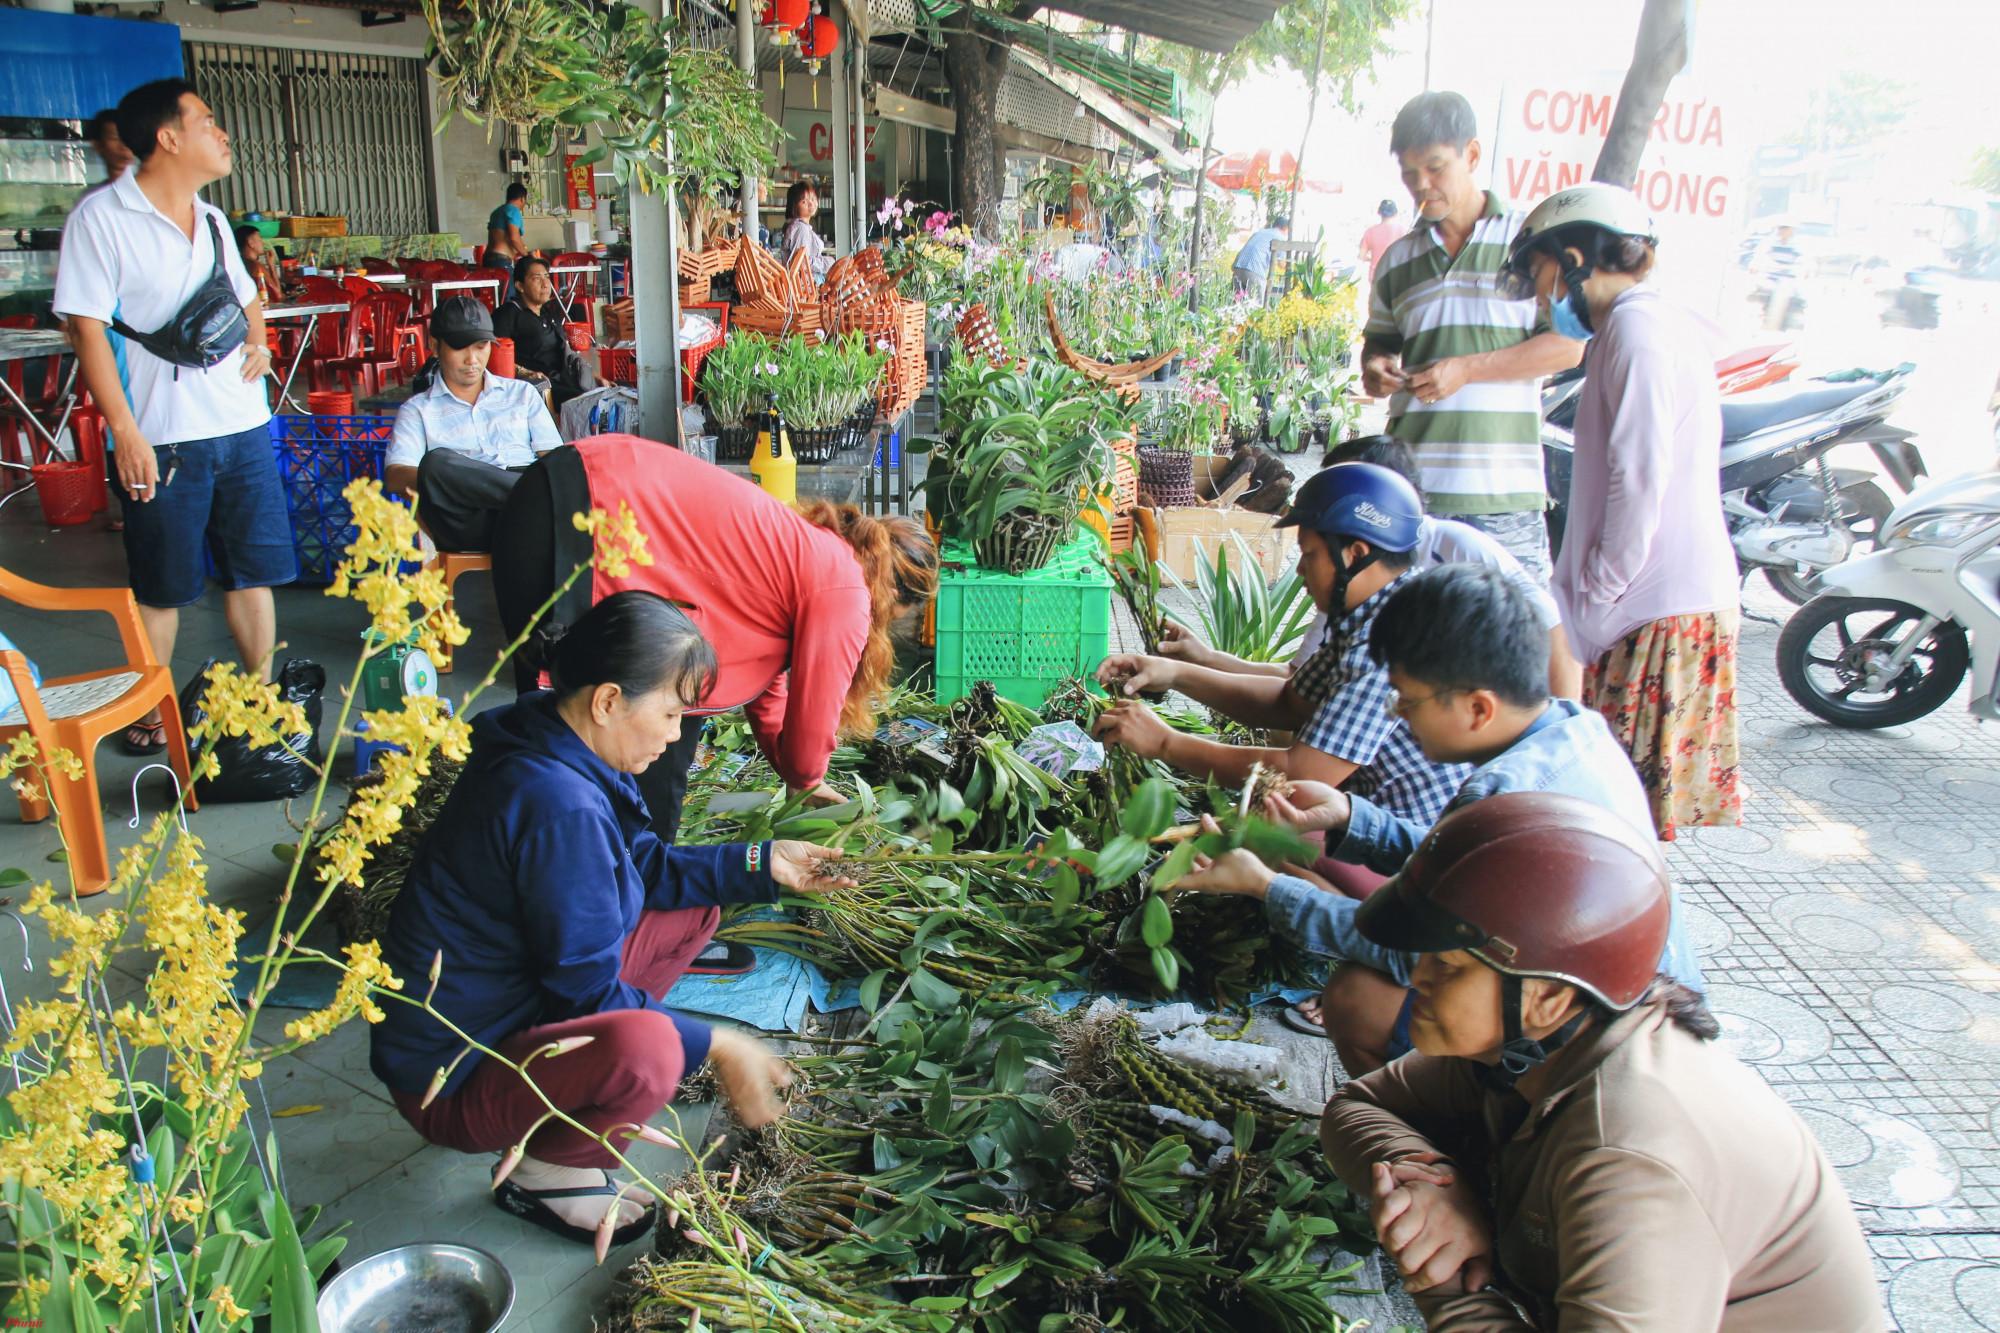 Theo người bán lan rừng là các giống dễ trồng, dễ chăm sóc chủ yếu trồng trên gỗ, trong chậu với than,... hầu hết các giống đều chuẩn bị ra hoa nên chỉ cần vài tuần là có hoa.